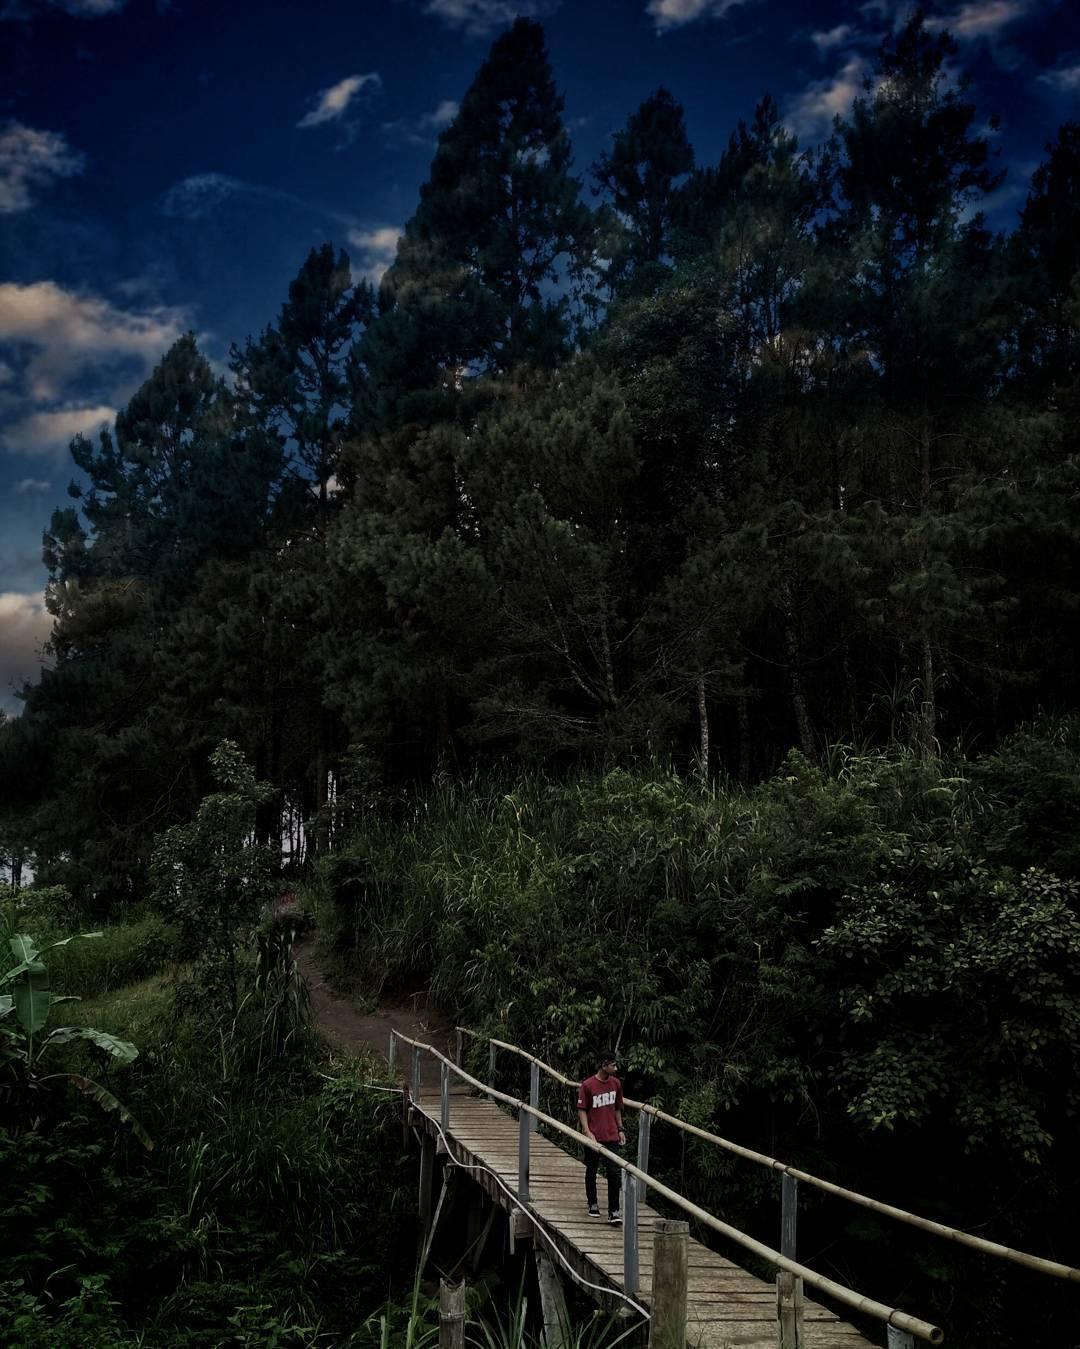 Hutan Pekat di Bumi Perkemahan, Malang, Malang Raya, Dolan Dolen, Dolaners Hutan Pekat Bumi Perkemahan Kota Batu via n - Dolan Dolen